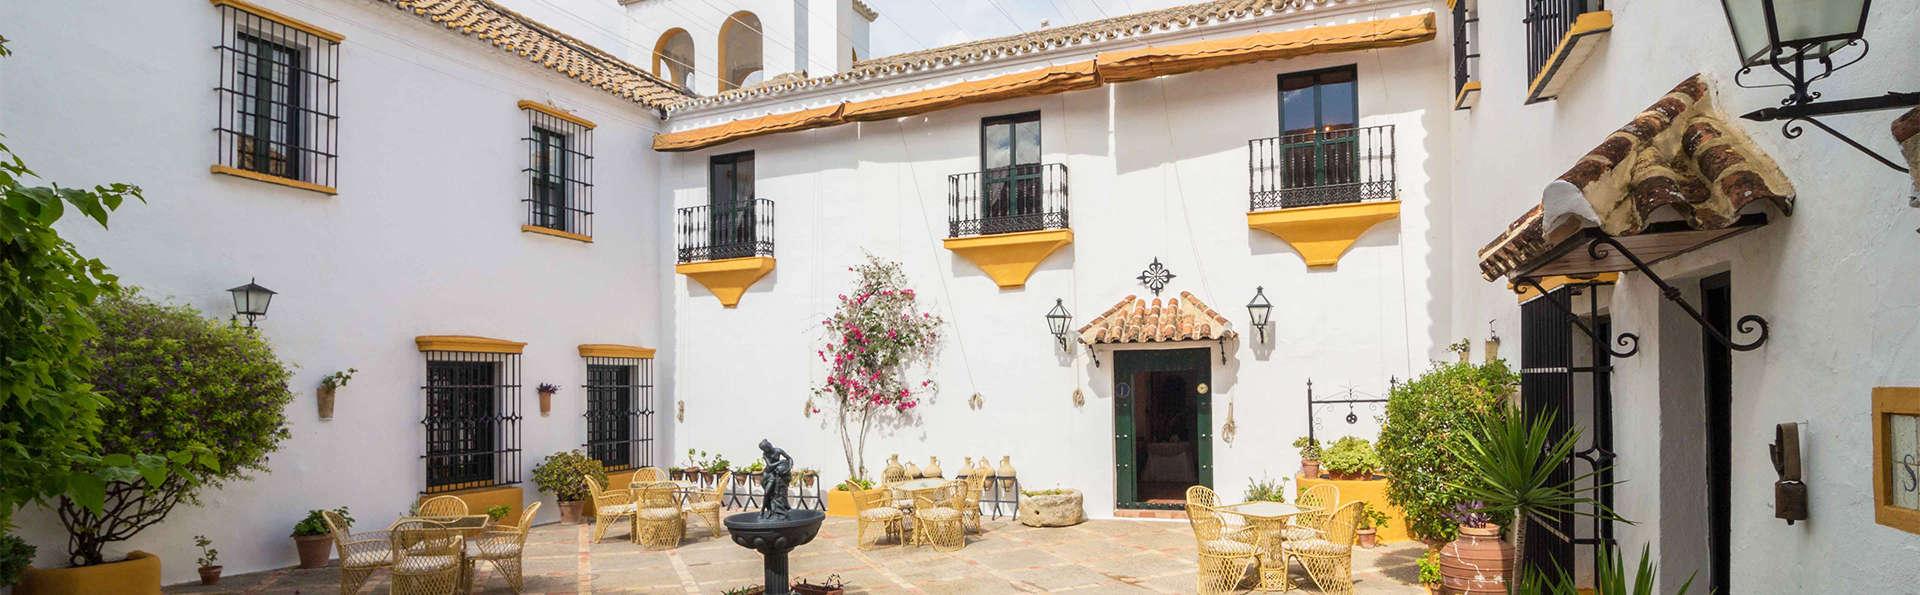 Hacienda El Santiscal - EDIT_Terrace4.jpg